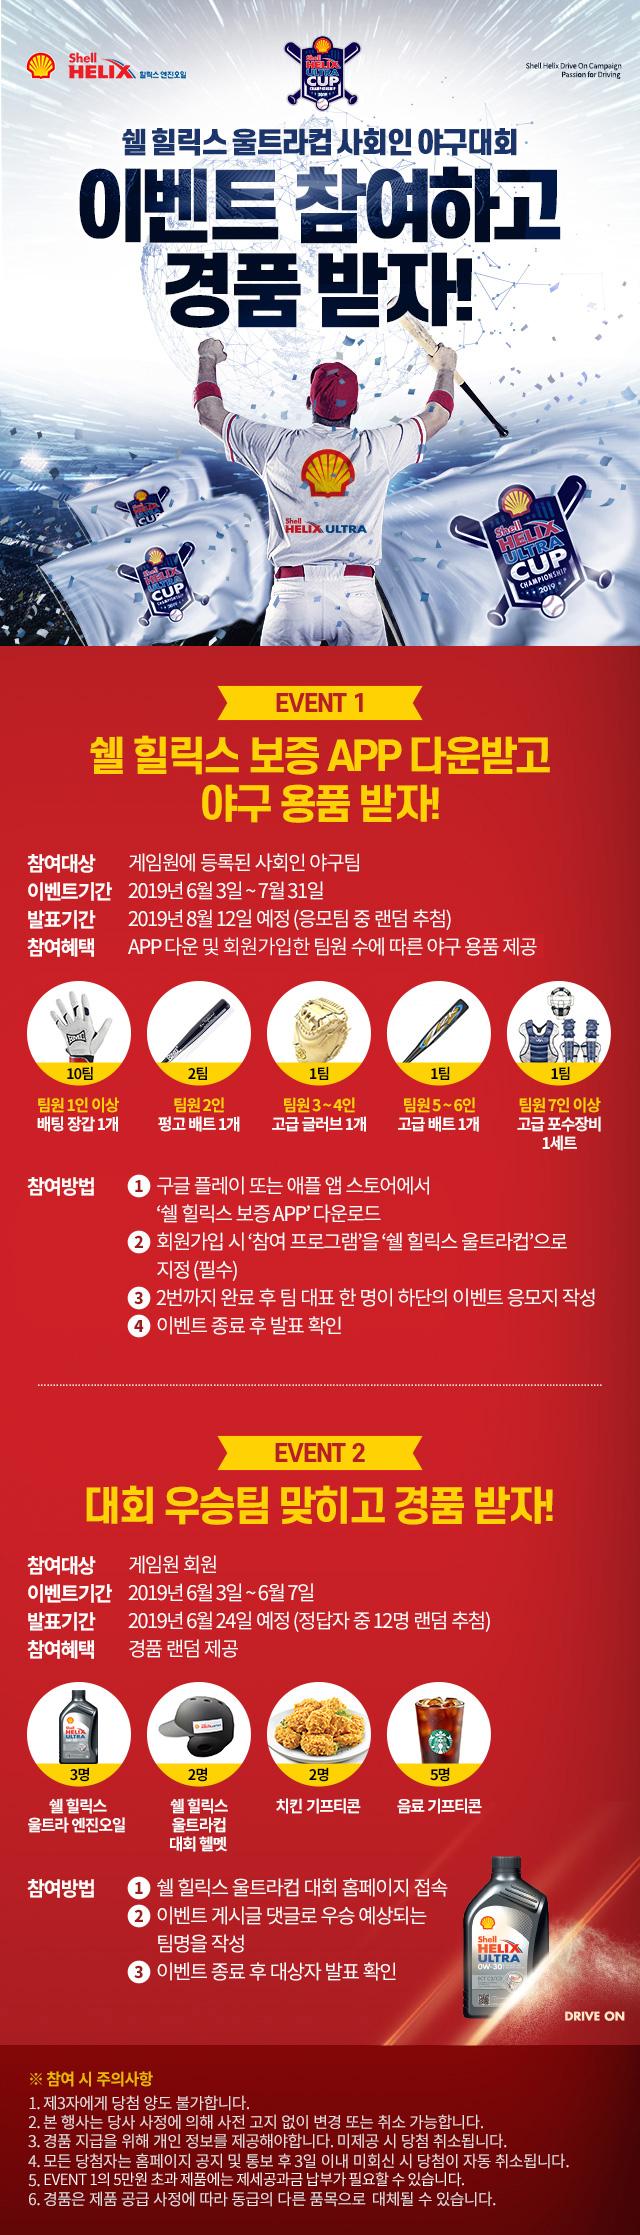 쉘 힐릭스 울트라컵 이벤트_최종.jpg